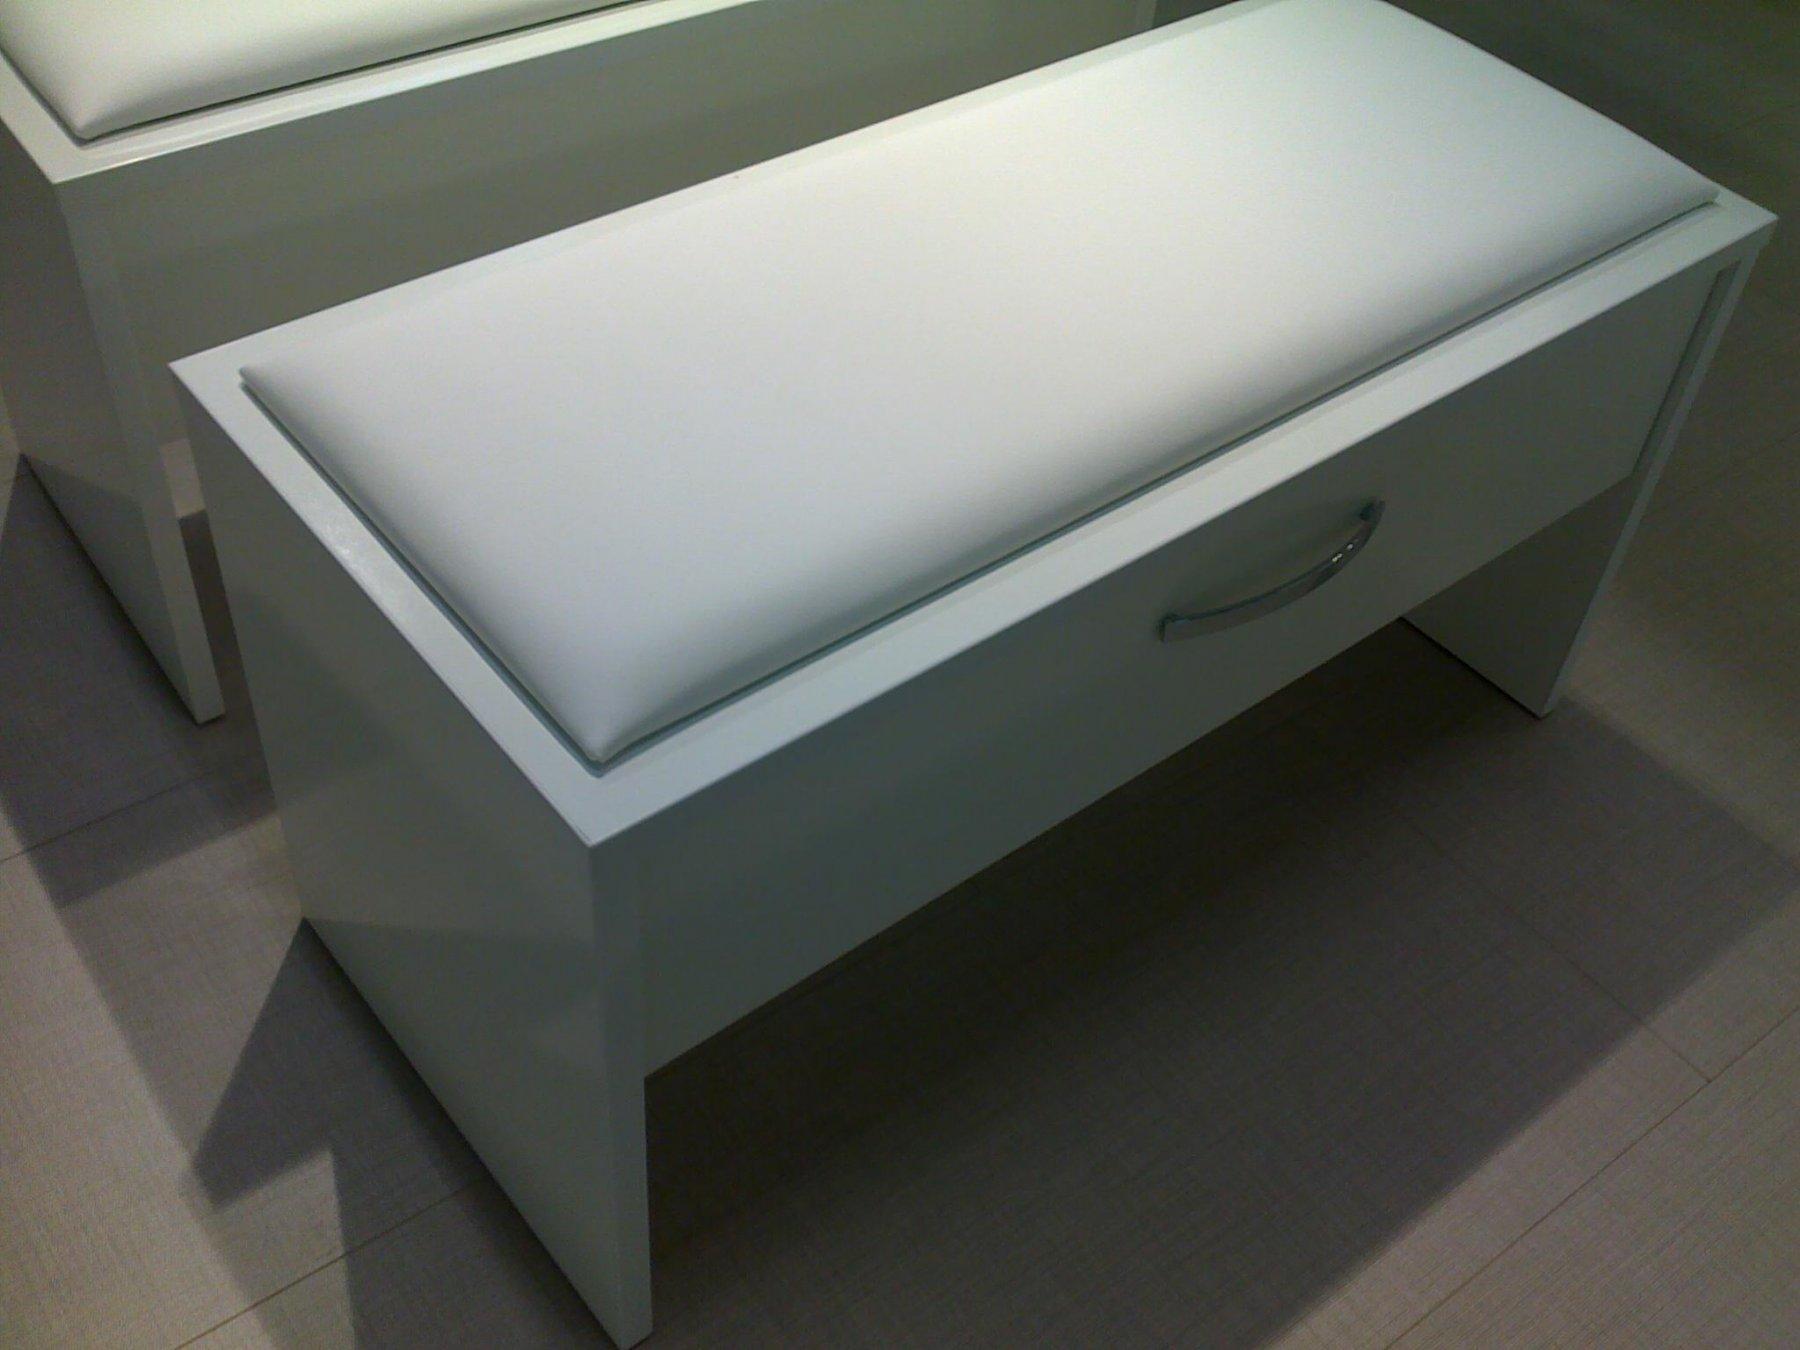 sitzbank balto badschrank g nstig arcom center. Black Bedroom Furniture Sets. Home Design Ideas